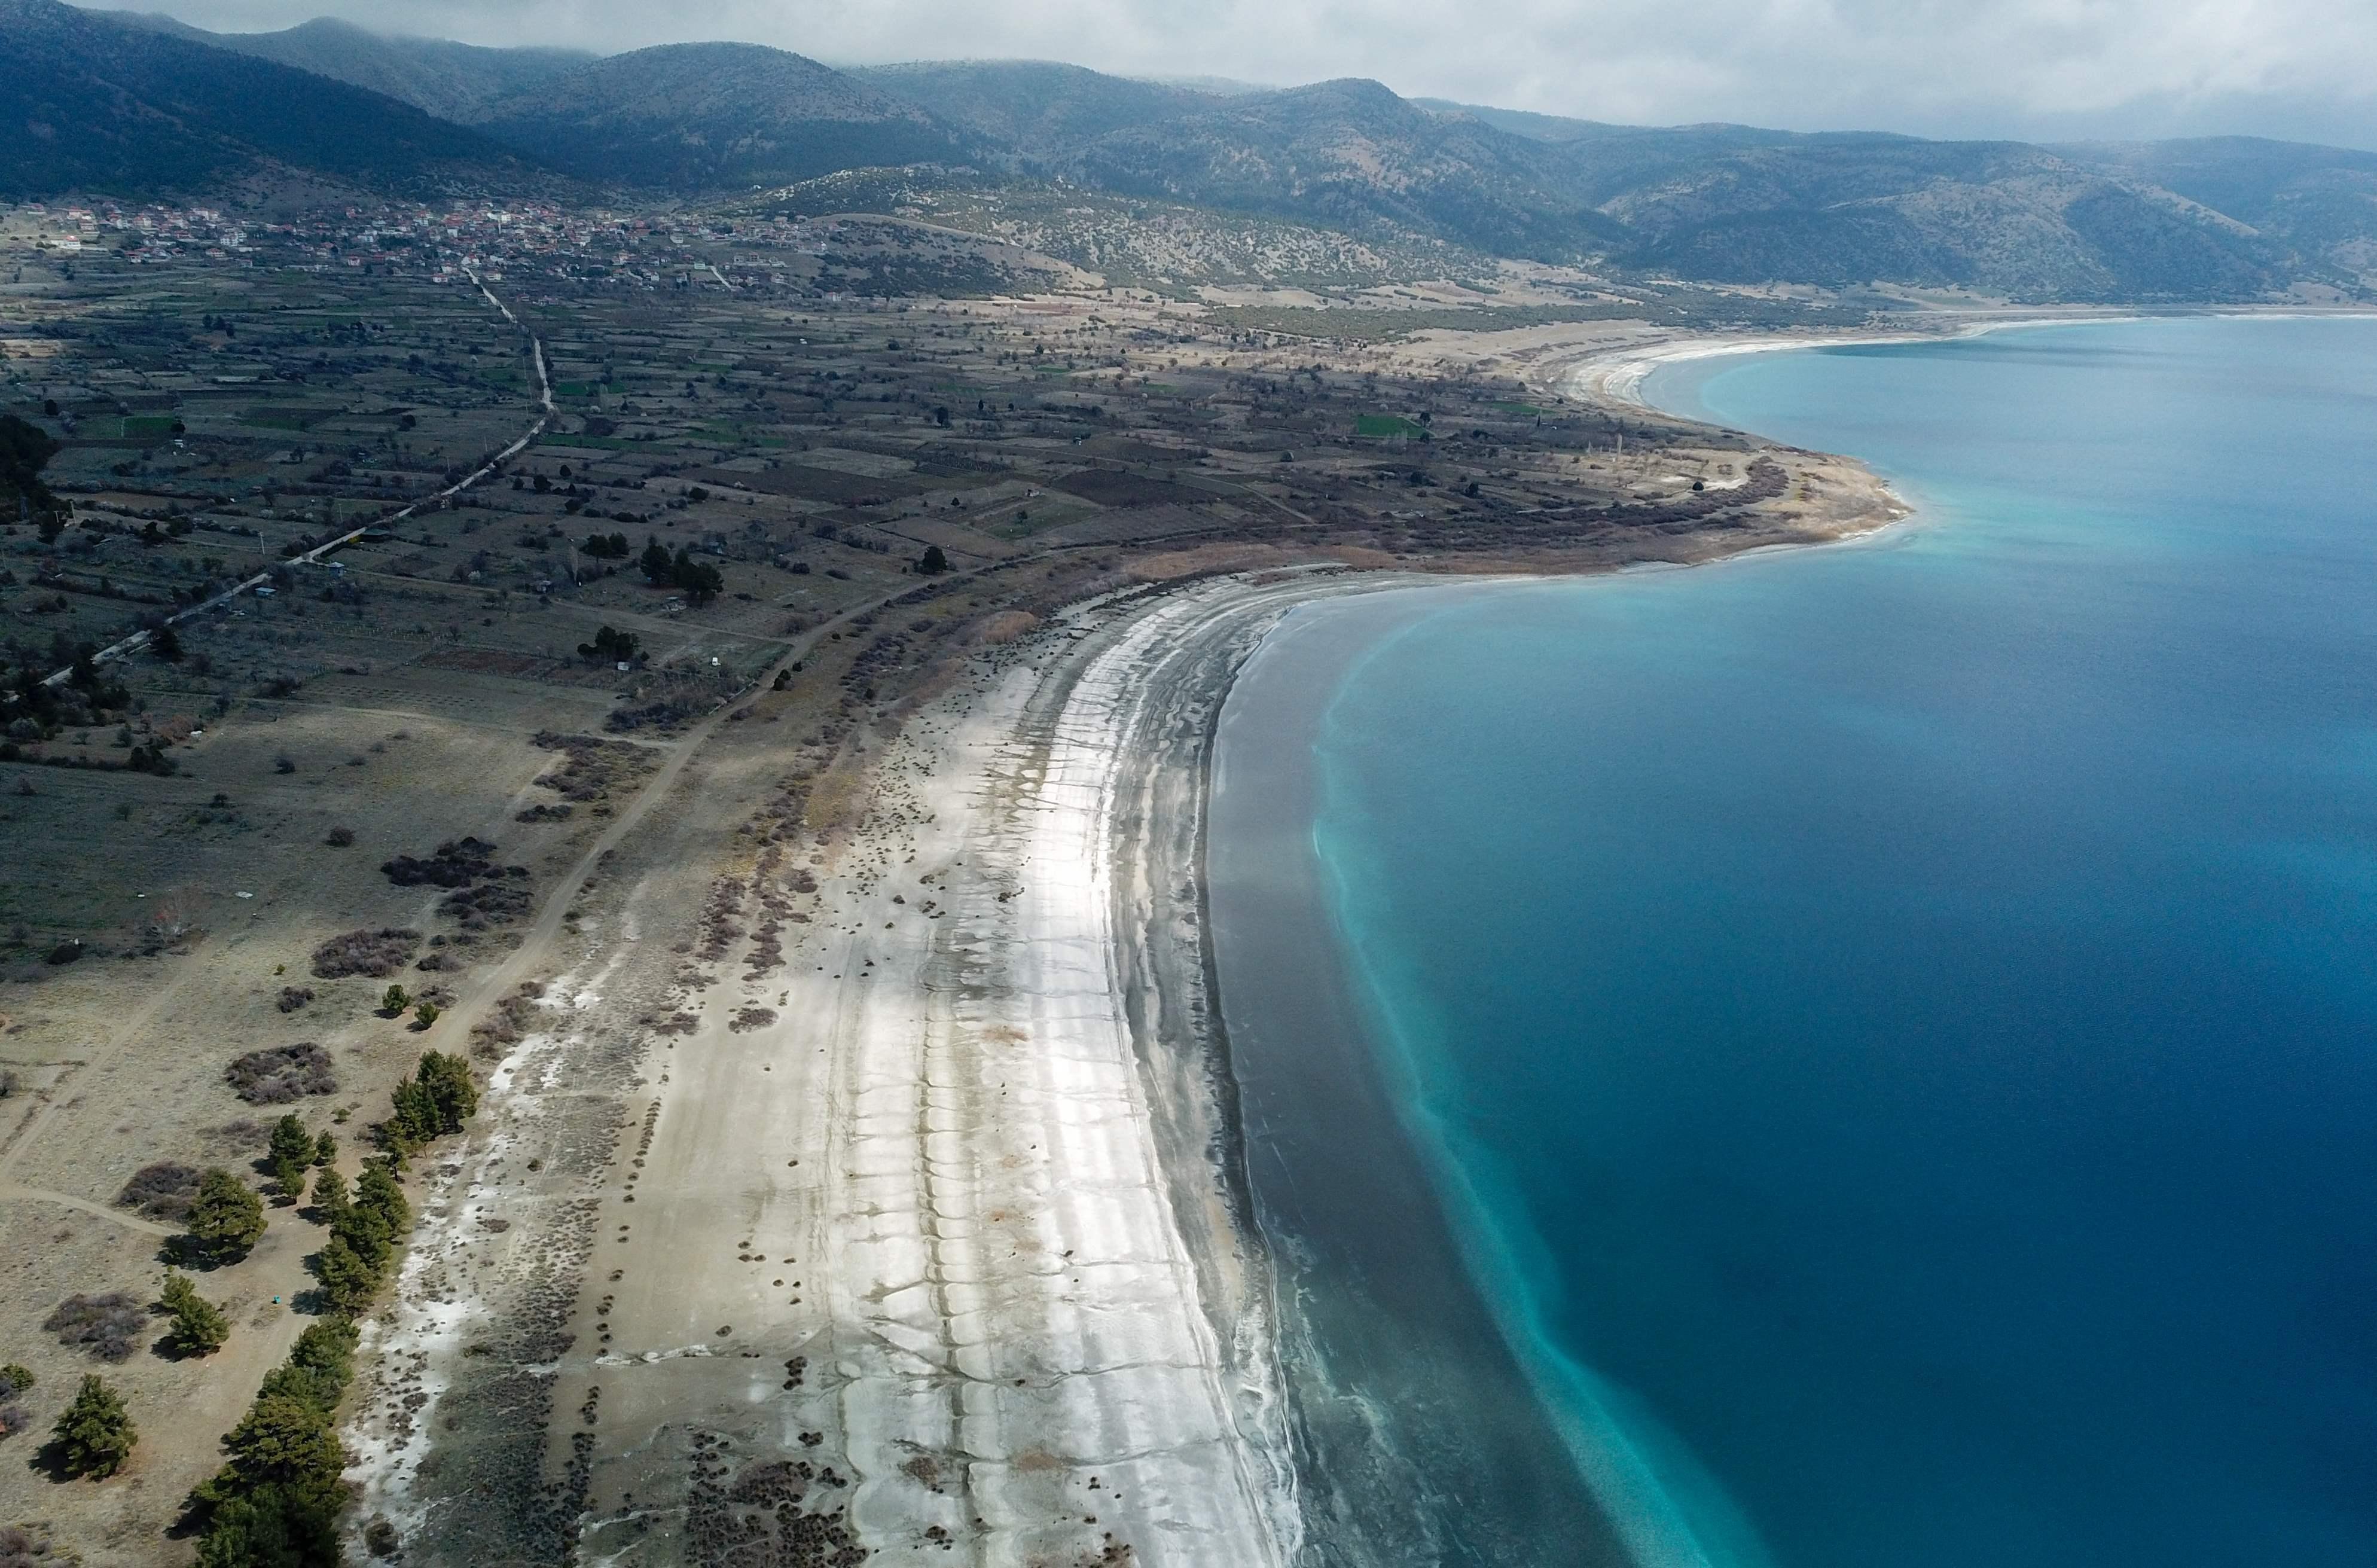 En Turquie, un lac unique au monde est menacé par sa popularité